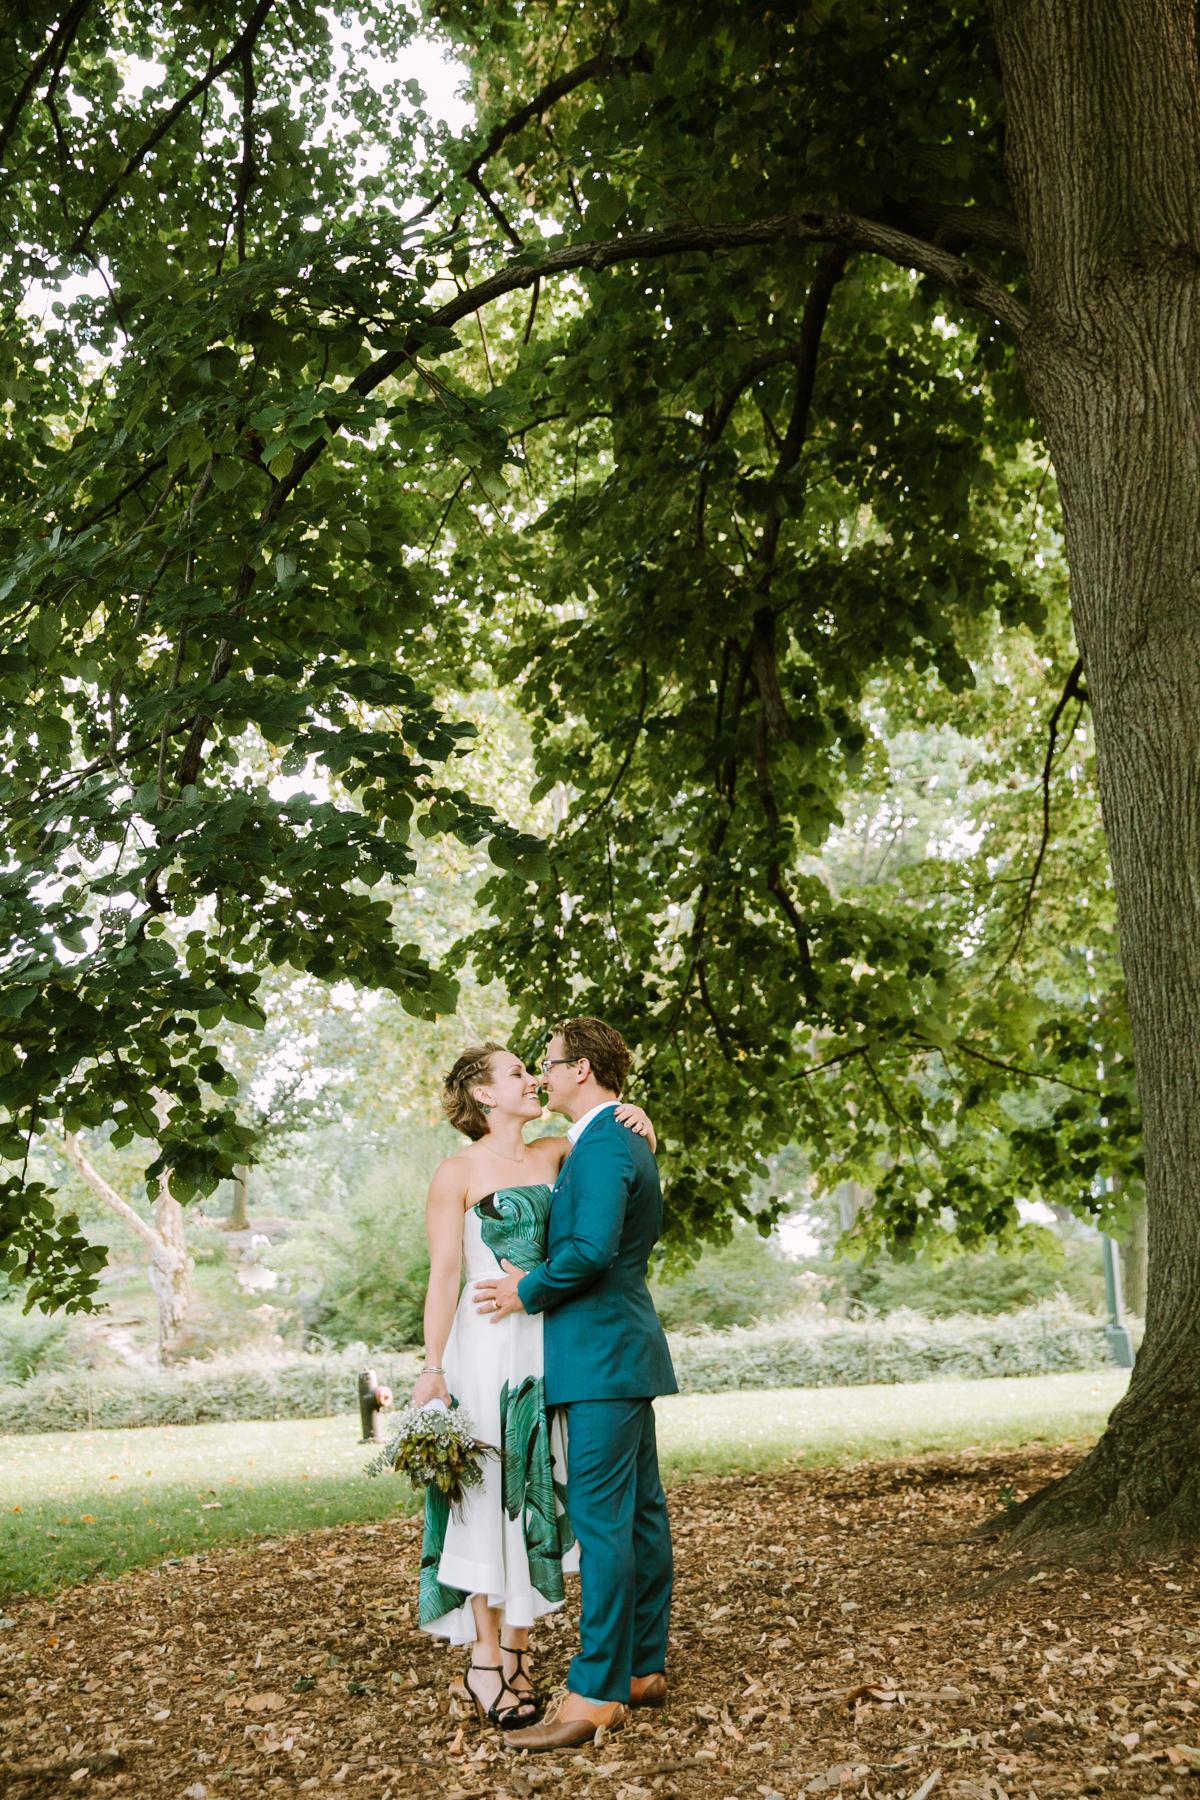 NYC-engagement-photography-by-Tanya-Isaeva-38.jpg